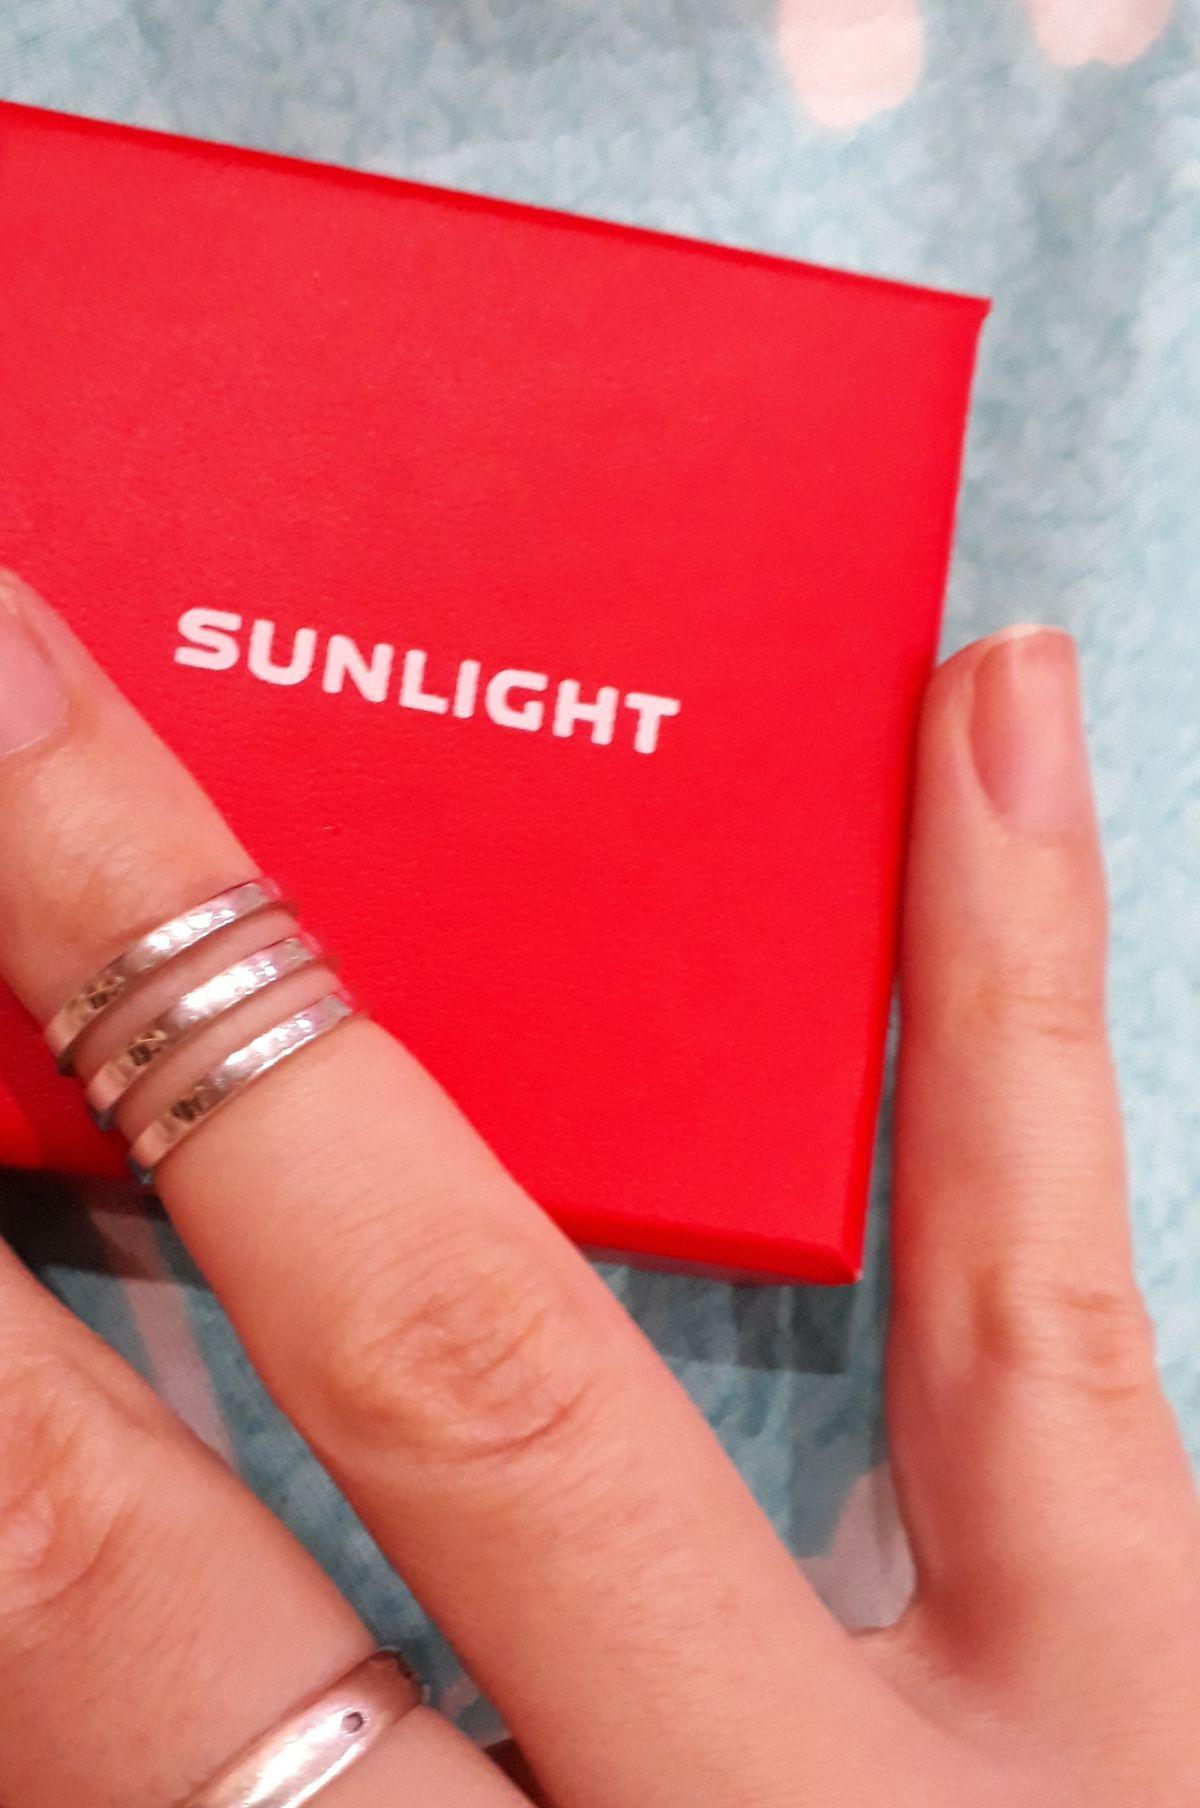 Крутое кольцо на фалангу пальца, очень современно и стильно!